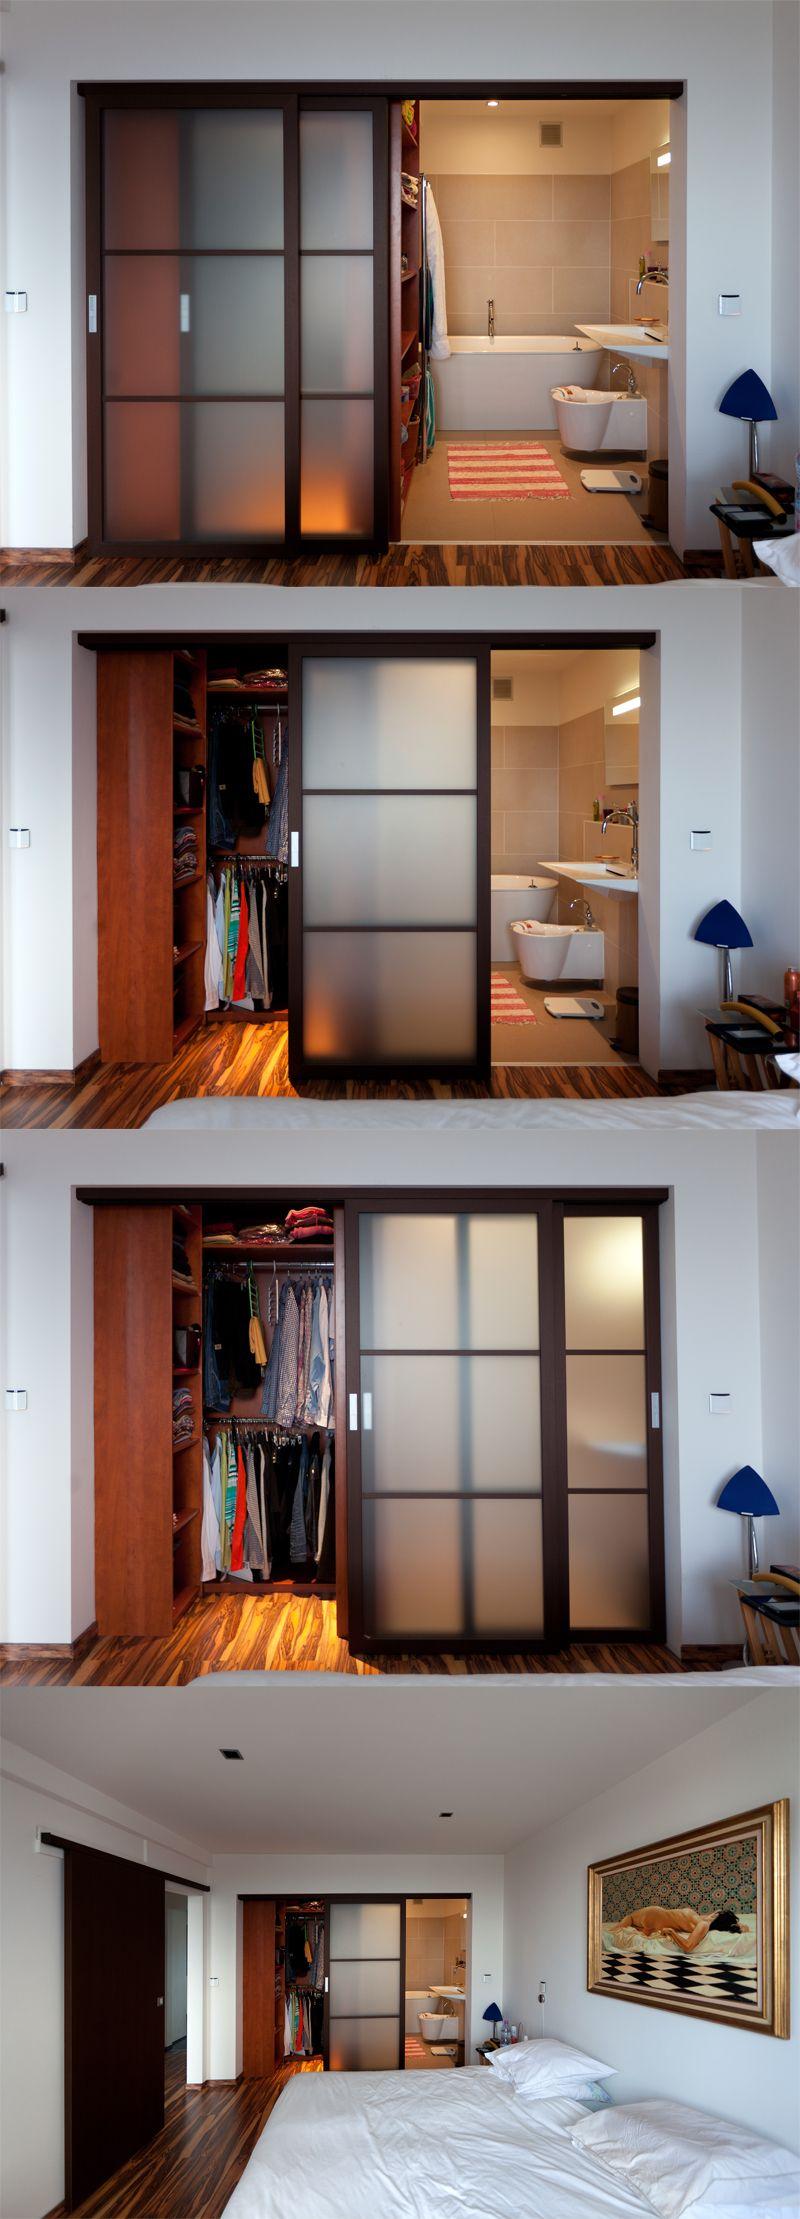 Loft bedroom wardrobe ideas  Bedroom  walkin dressingroom  en suite bathroom  sekat bisa